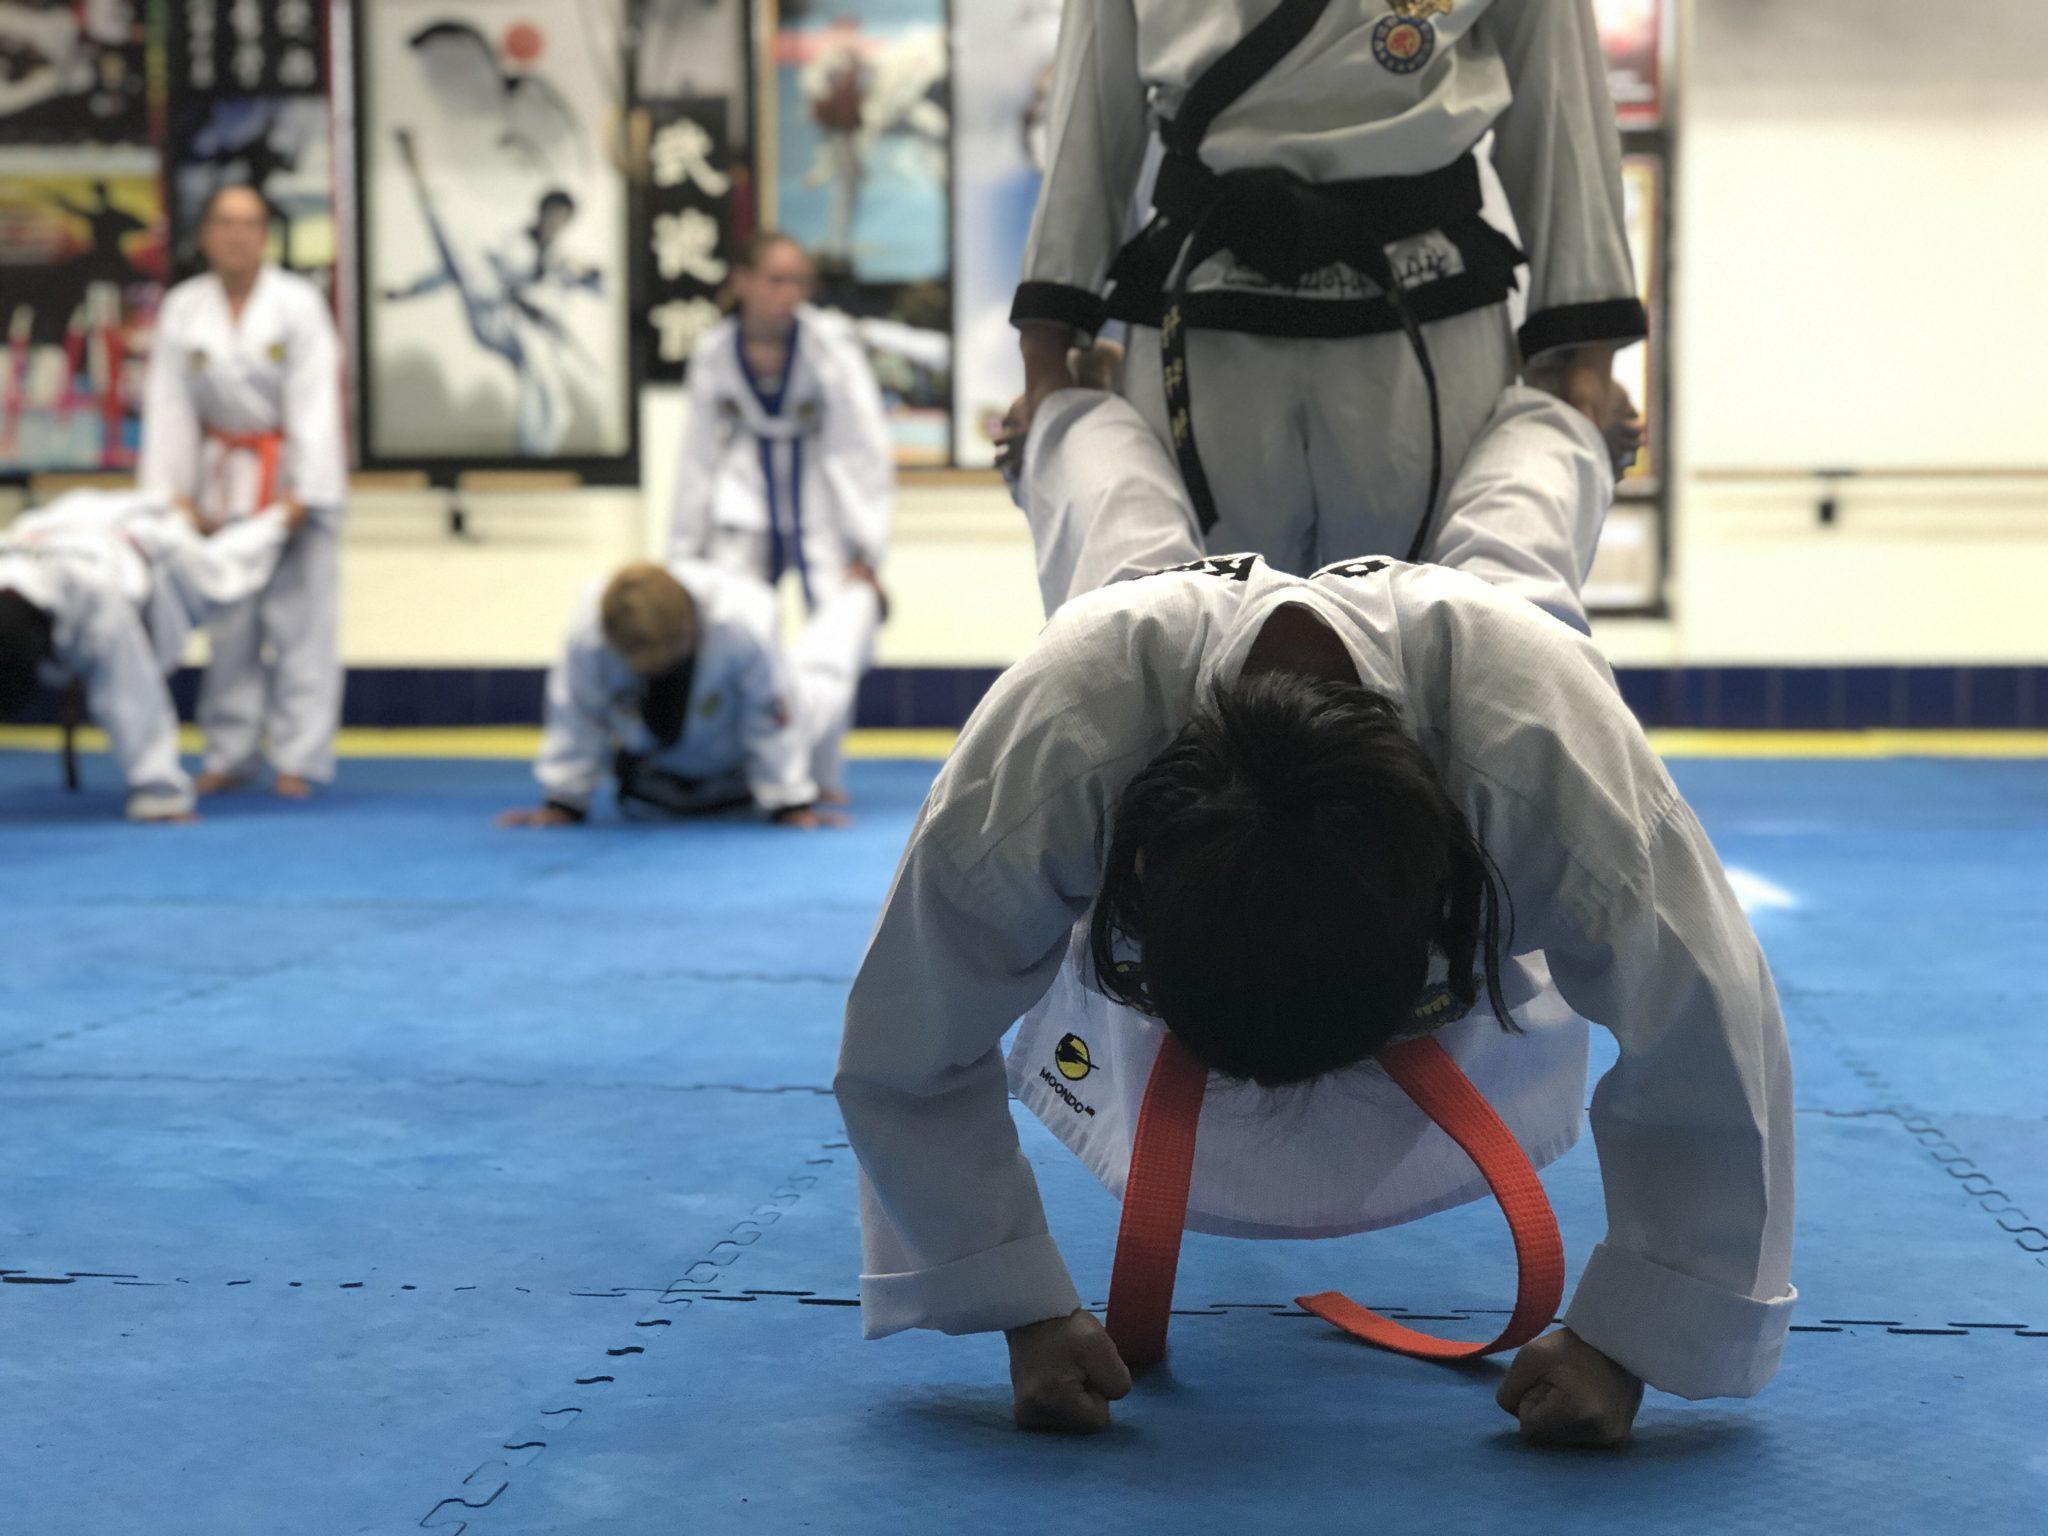 Proyecto Taekwondo v2.0 Entrenamiento